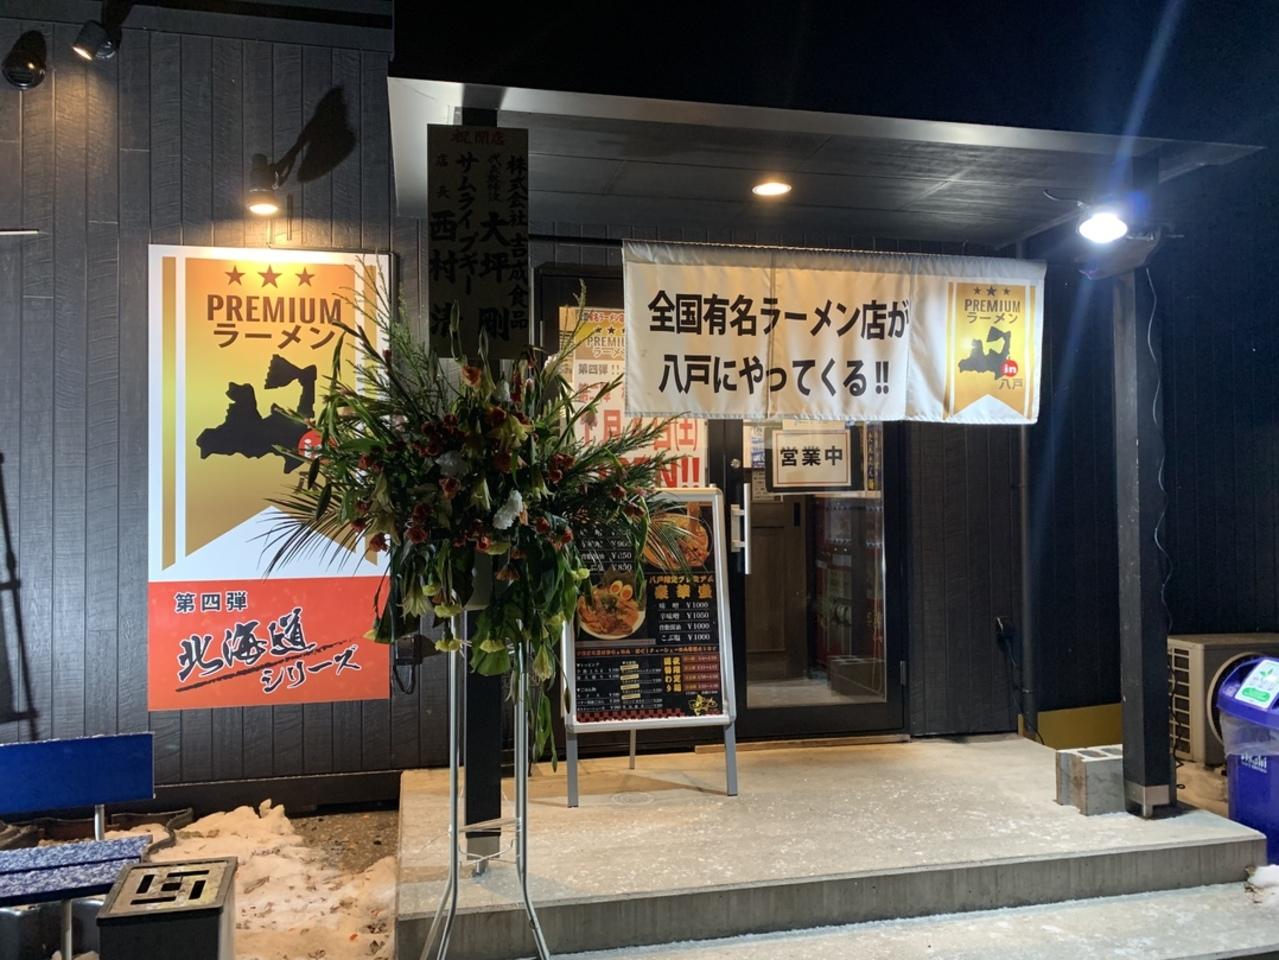 全国各地のラーメンが味わえる!?八戸市『プレミアムラーメンin八戸』北海道シリーズ開催中!